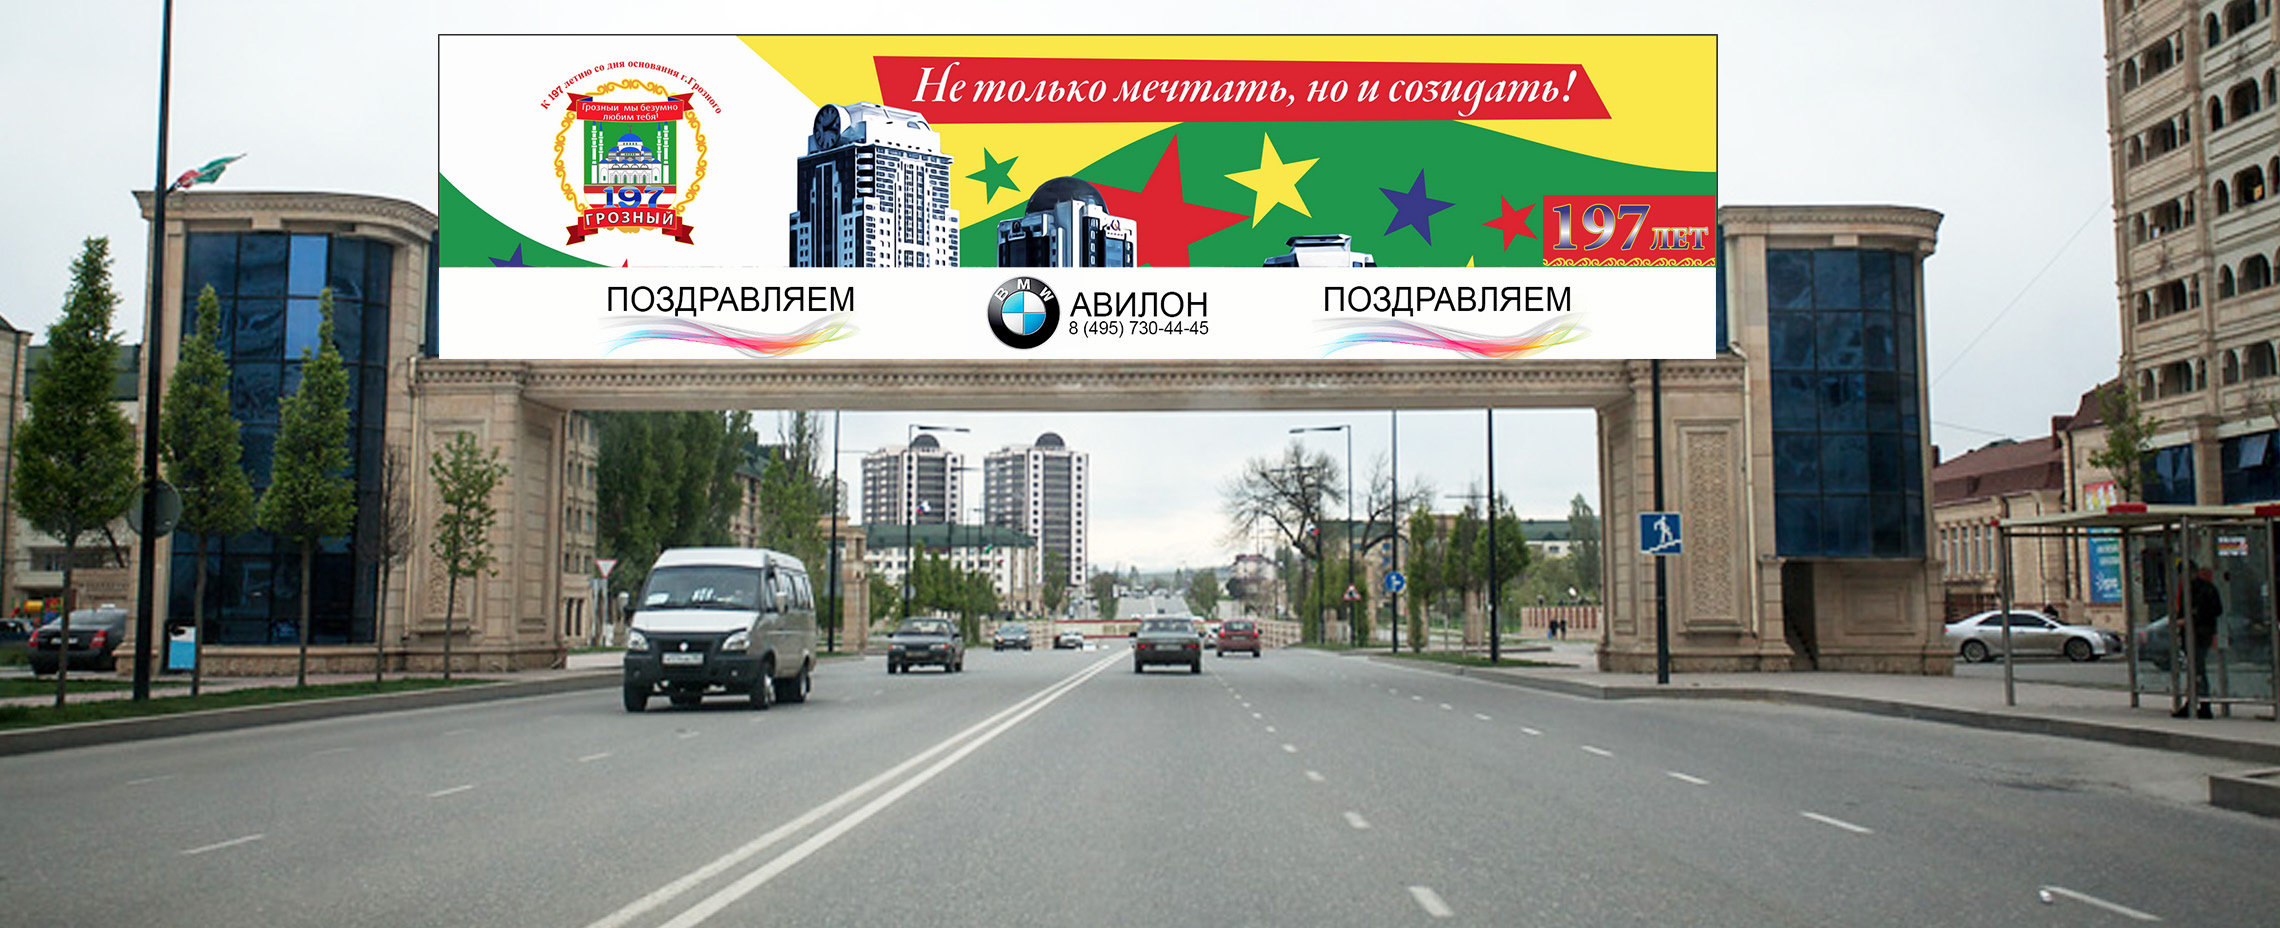 Реклама на городских праздниках в Чечне г.Грозный